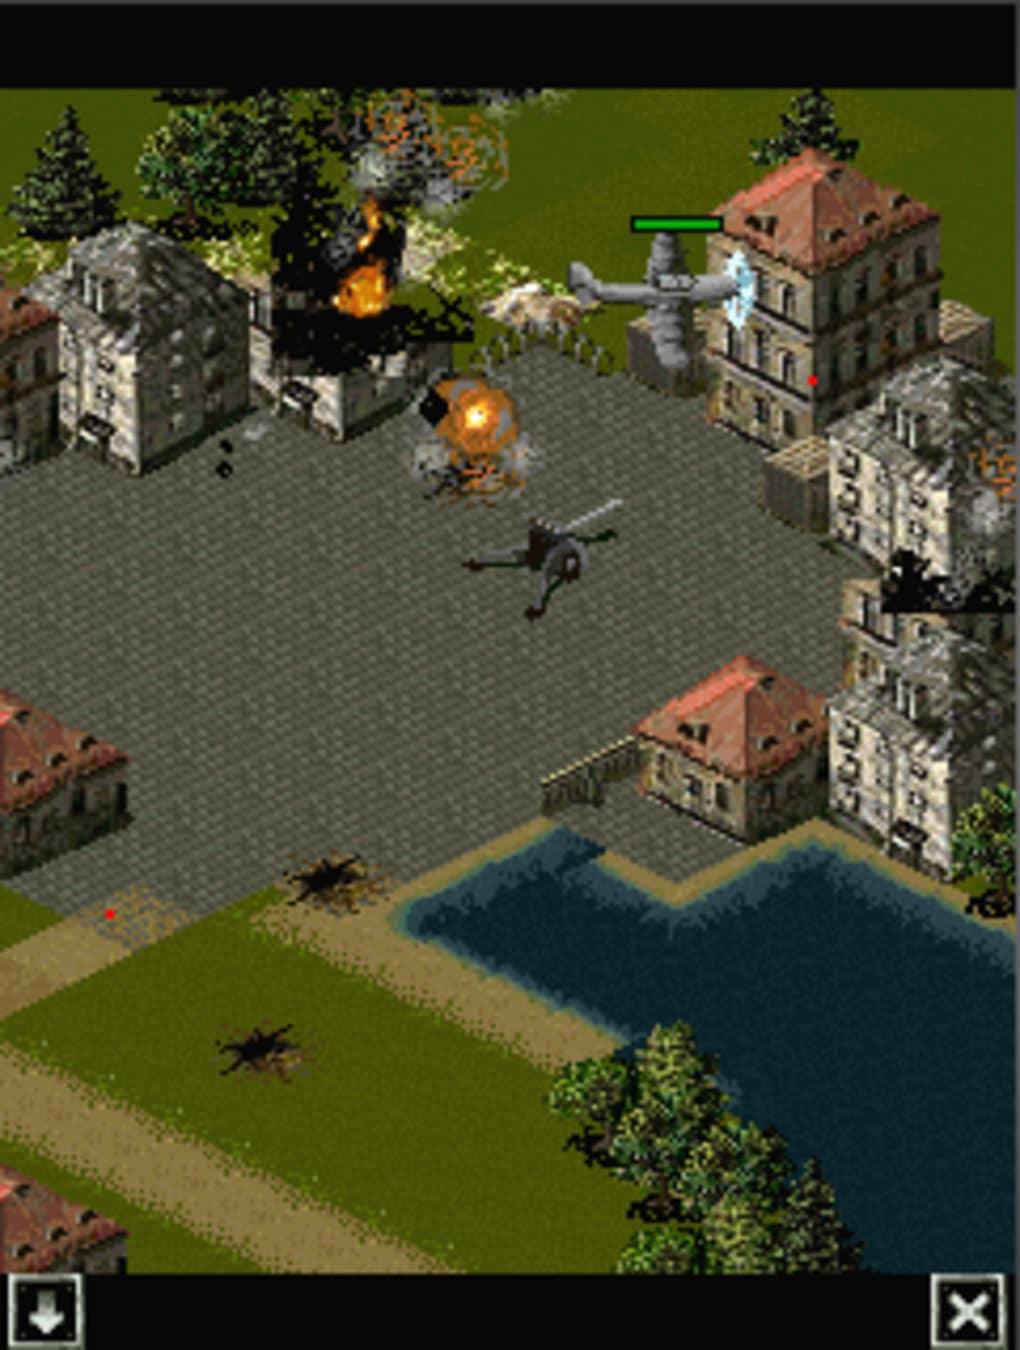 Counter Strike Apk Télécharger la version complète pour PC.Télécharger Counter Strike Apk la dernière version pour PC,Portable,les fenêtres. Counter-Strike - probablement dans le monde il n'y a pas un joueur qui, au moins une fois n'a pas entendu parler de ce jeu.